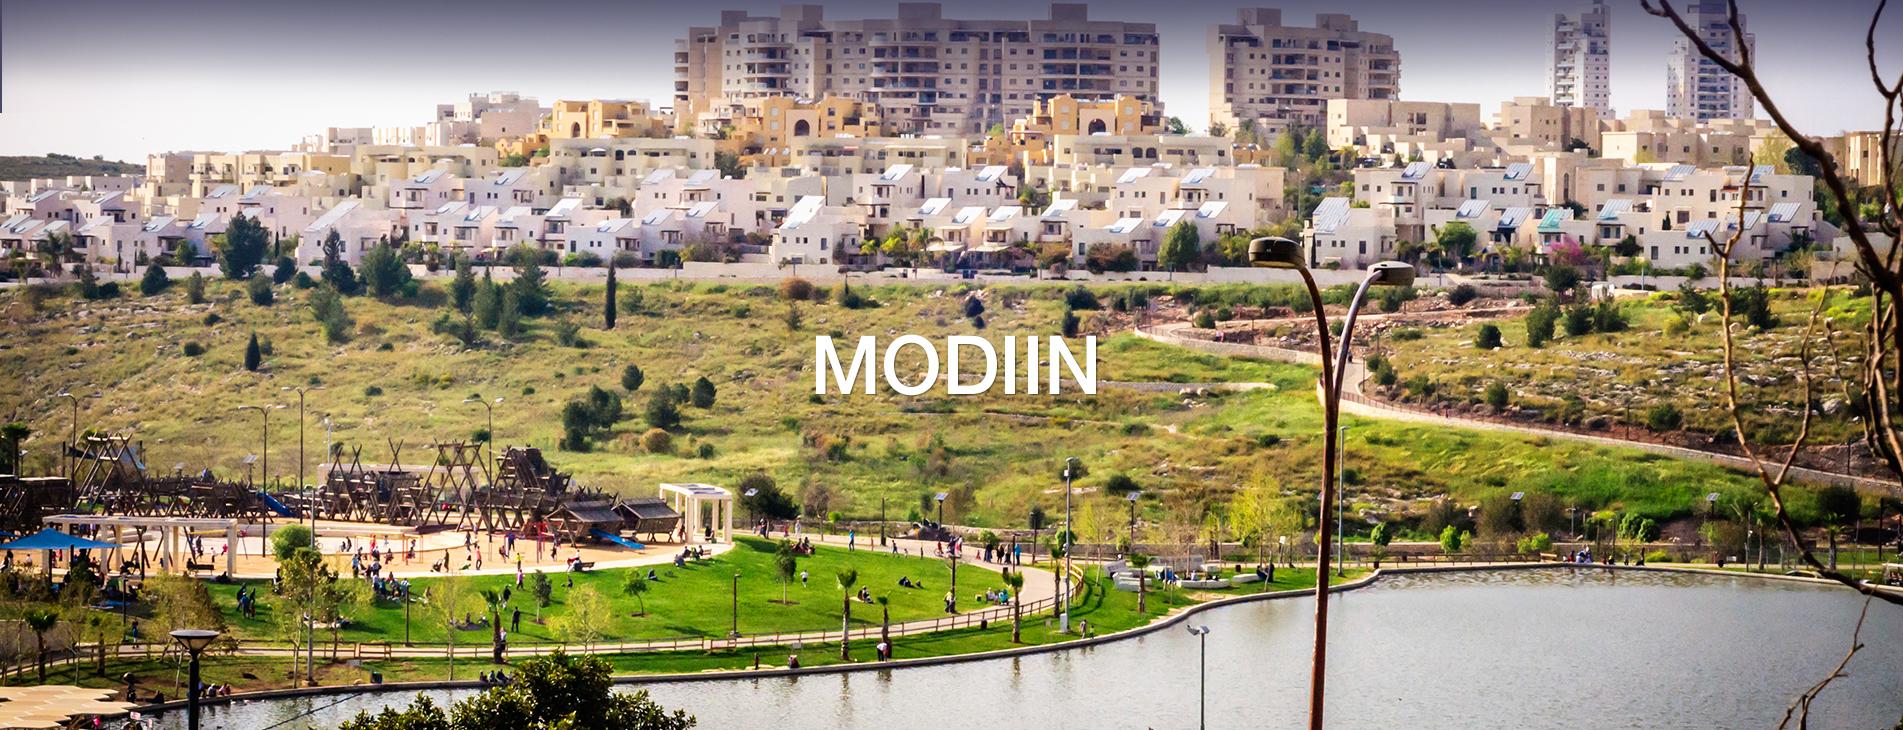 Modiim1